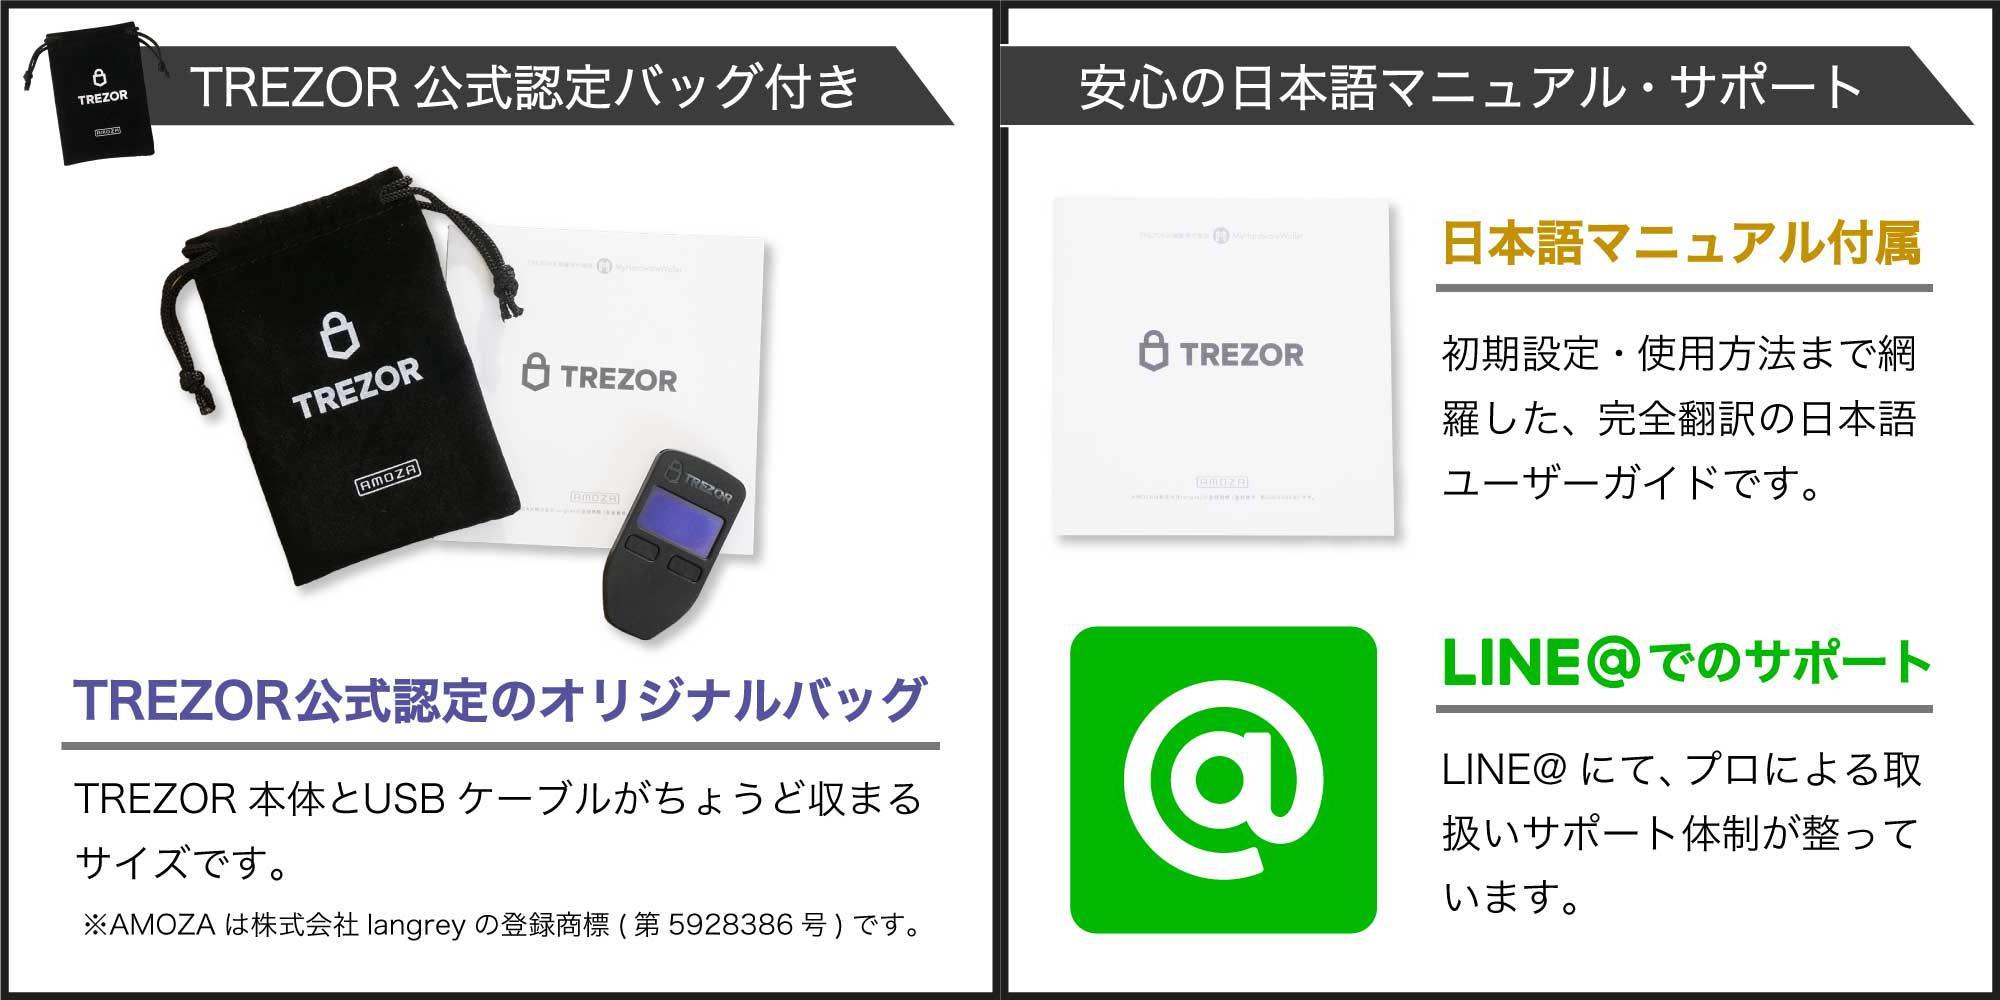 Trezor(トレザー)の公式サイトからの買い方